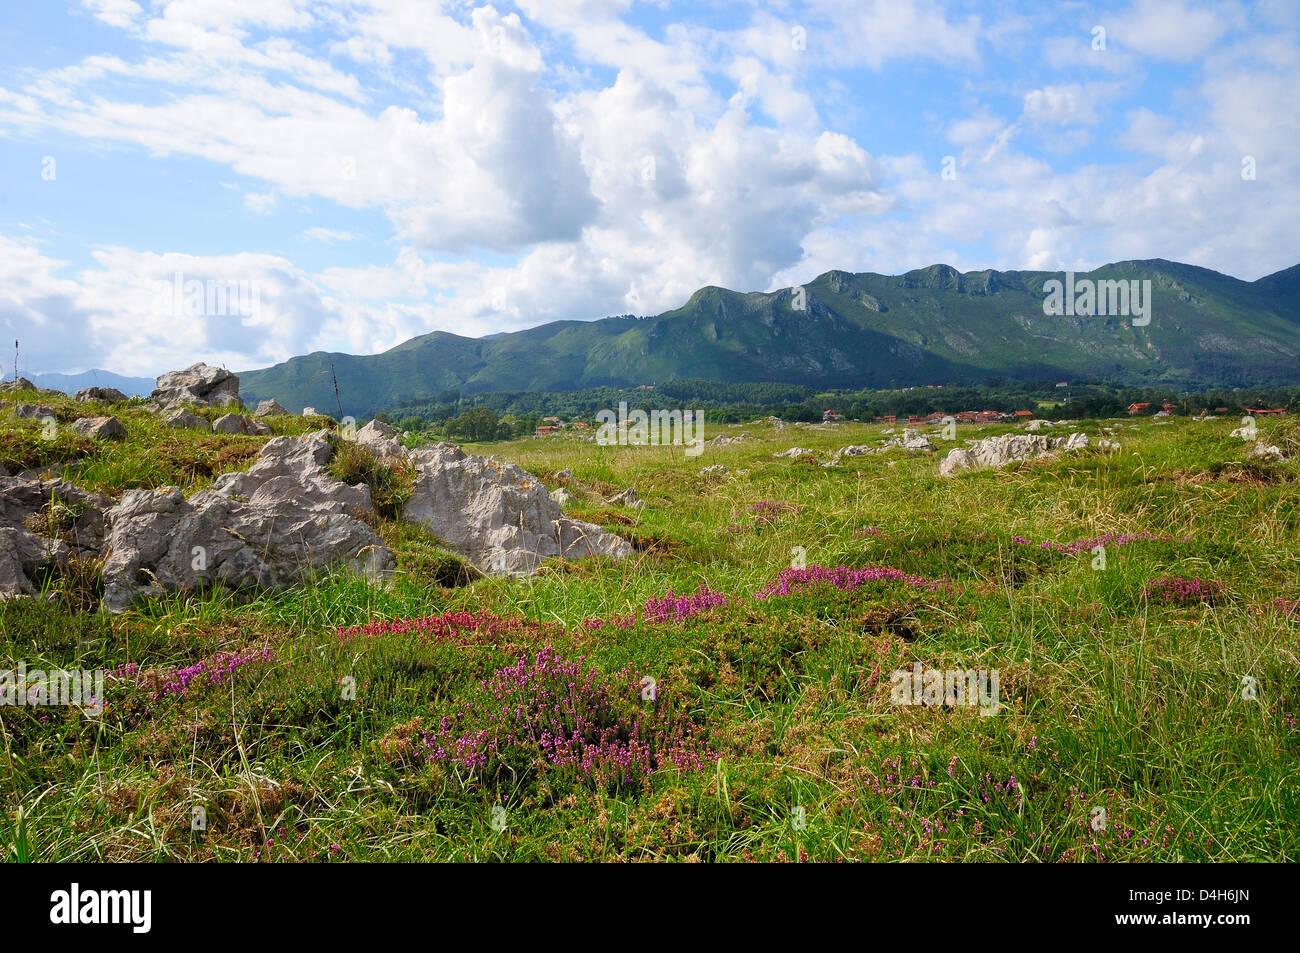 Mediterraneo heather fioritura con Picos de Europa montagne sullo sfondo, Ribadesella, Asturias, Spagna Immagini Stock